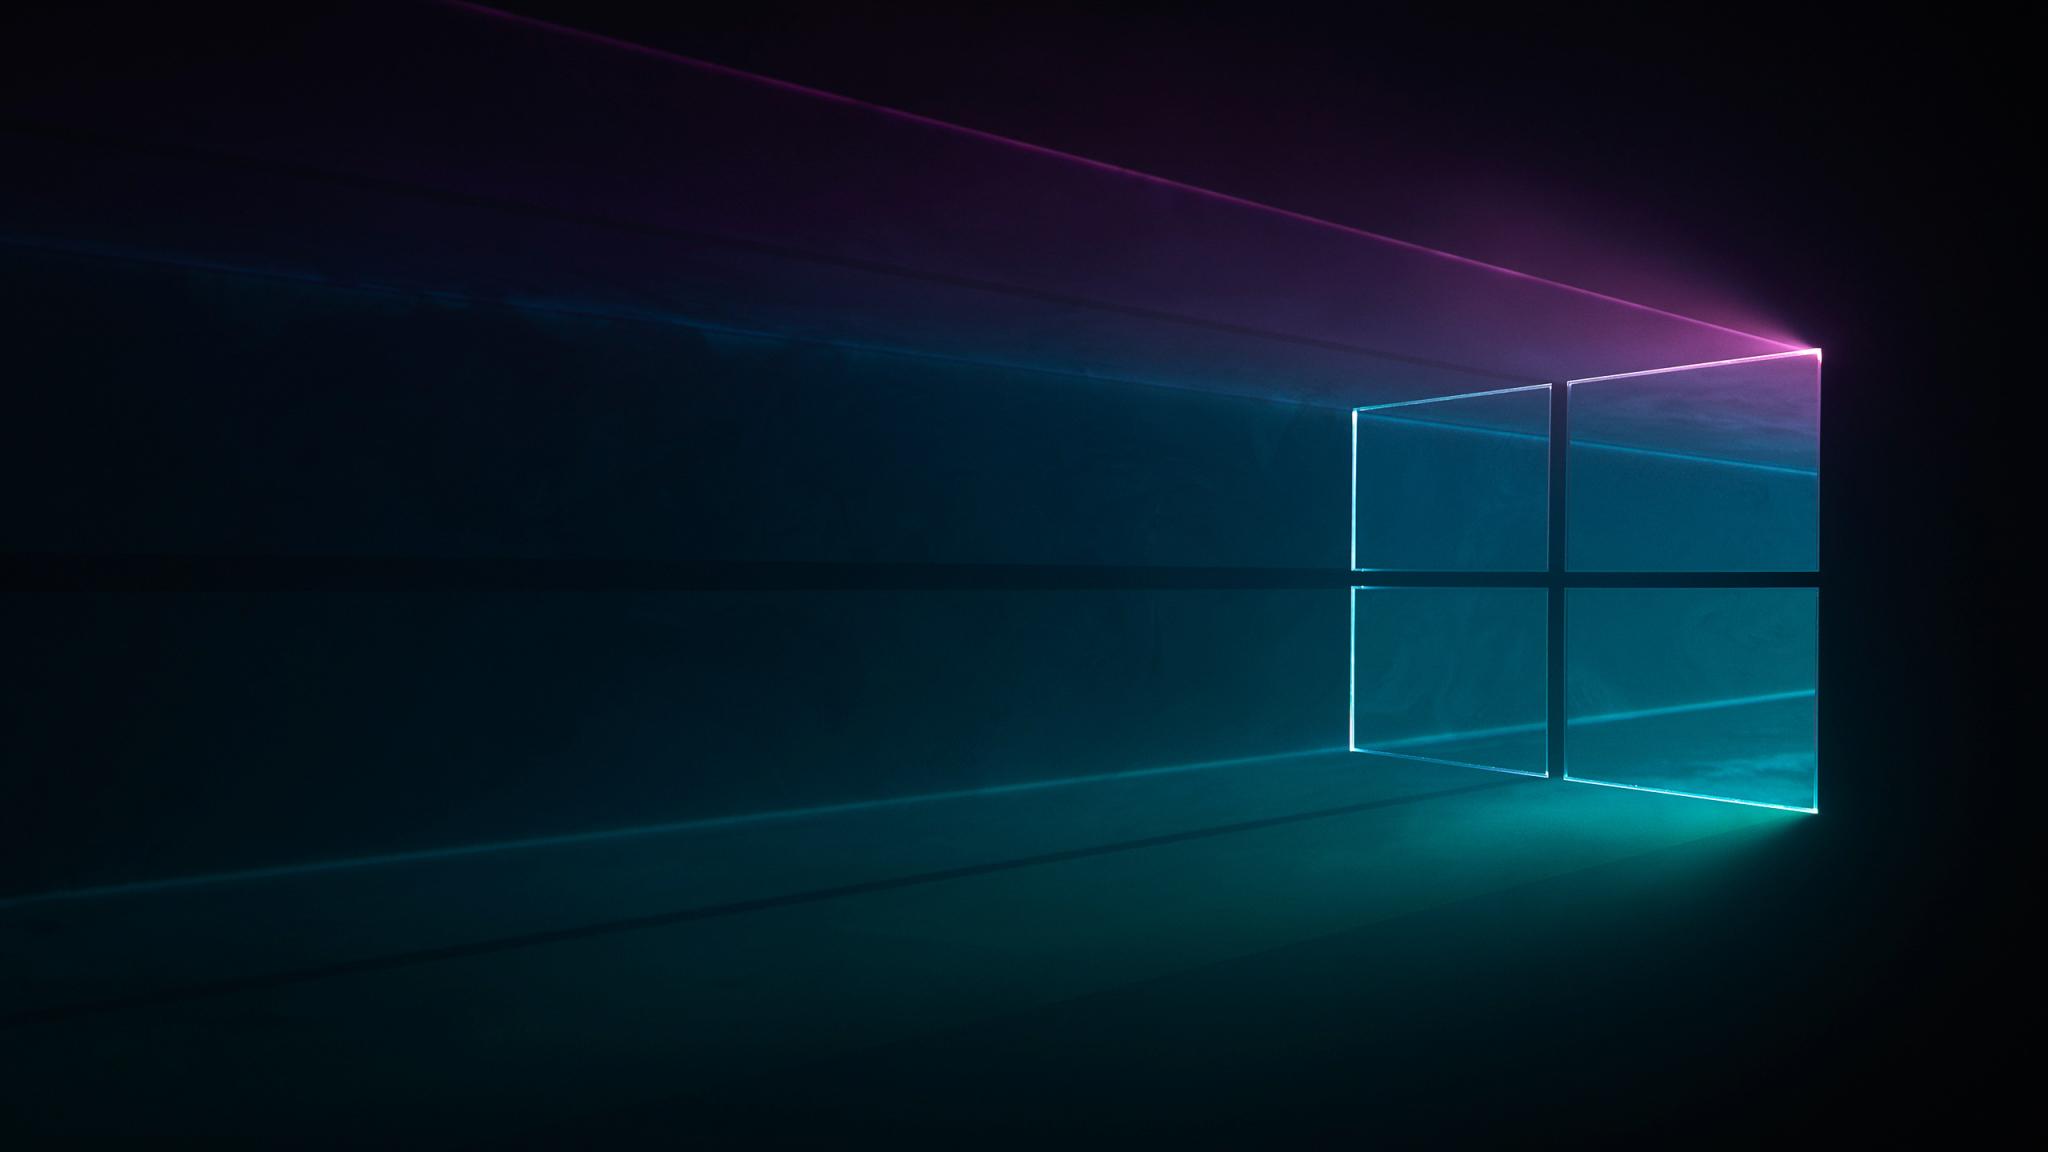 2048x1152 Windows 10 Dark 2048x1152 Resolution Wallpaper Hd